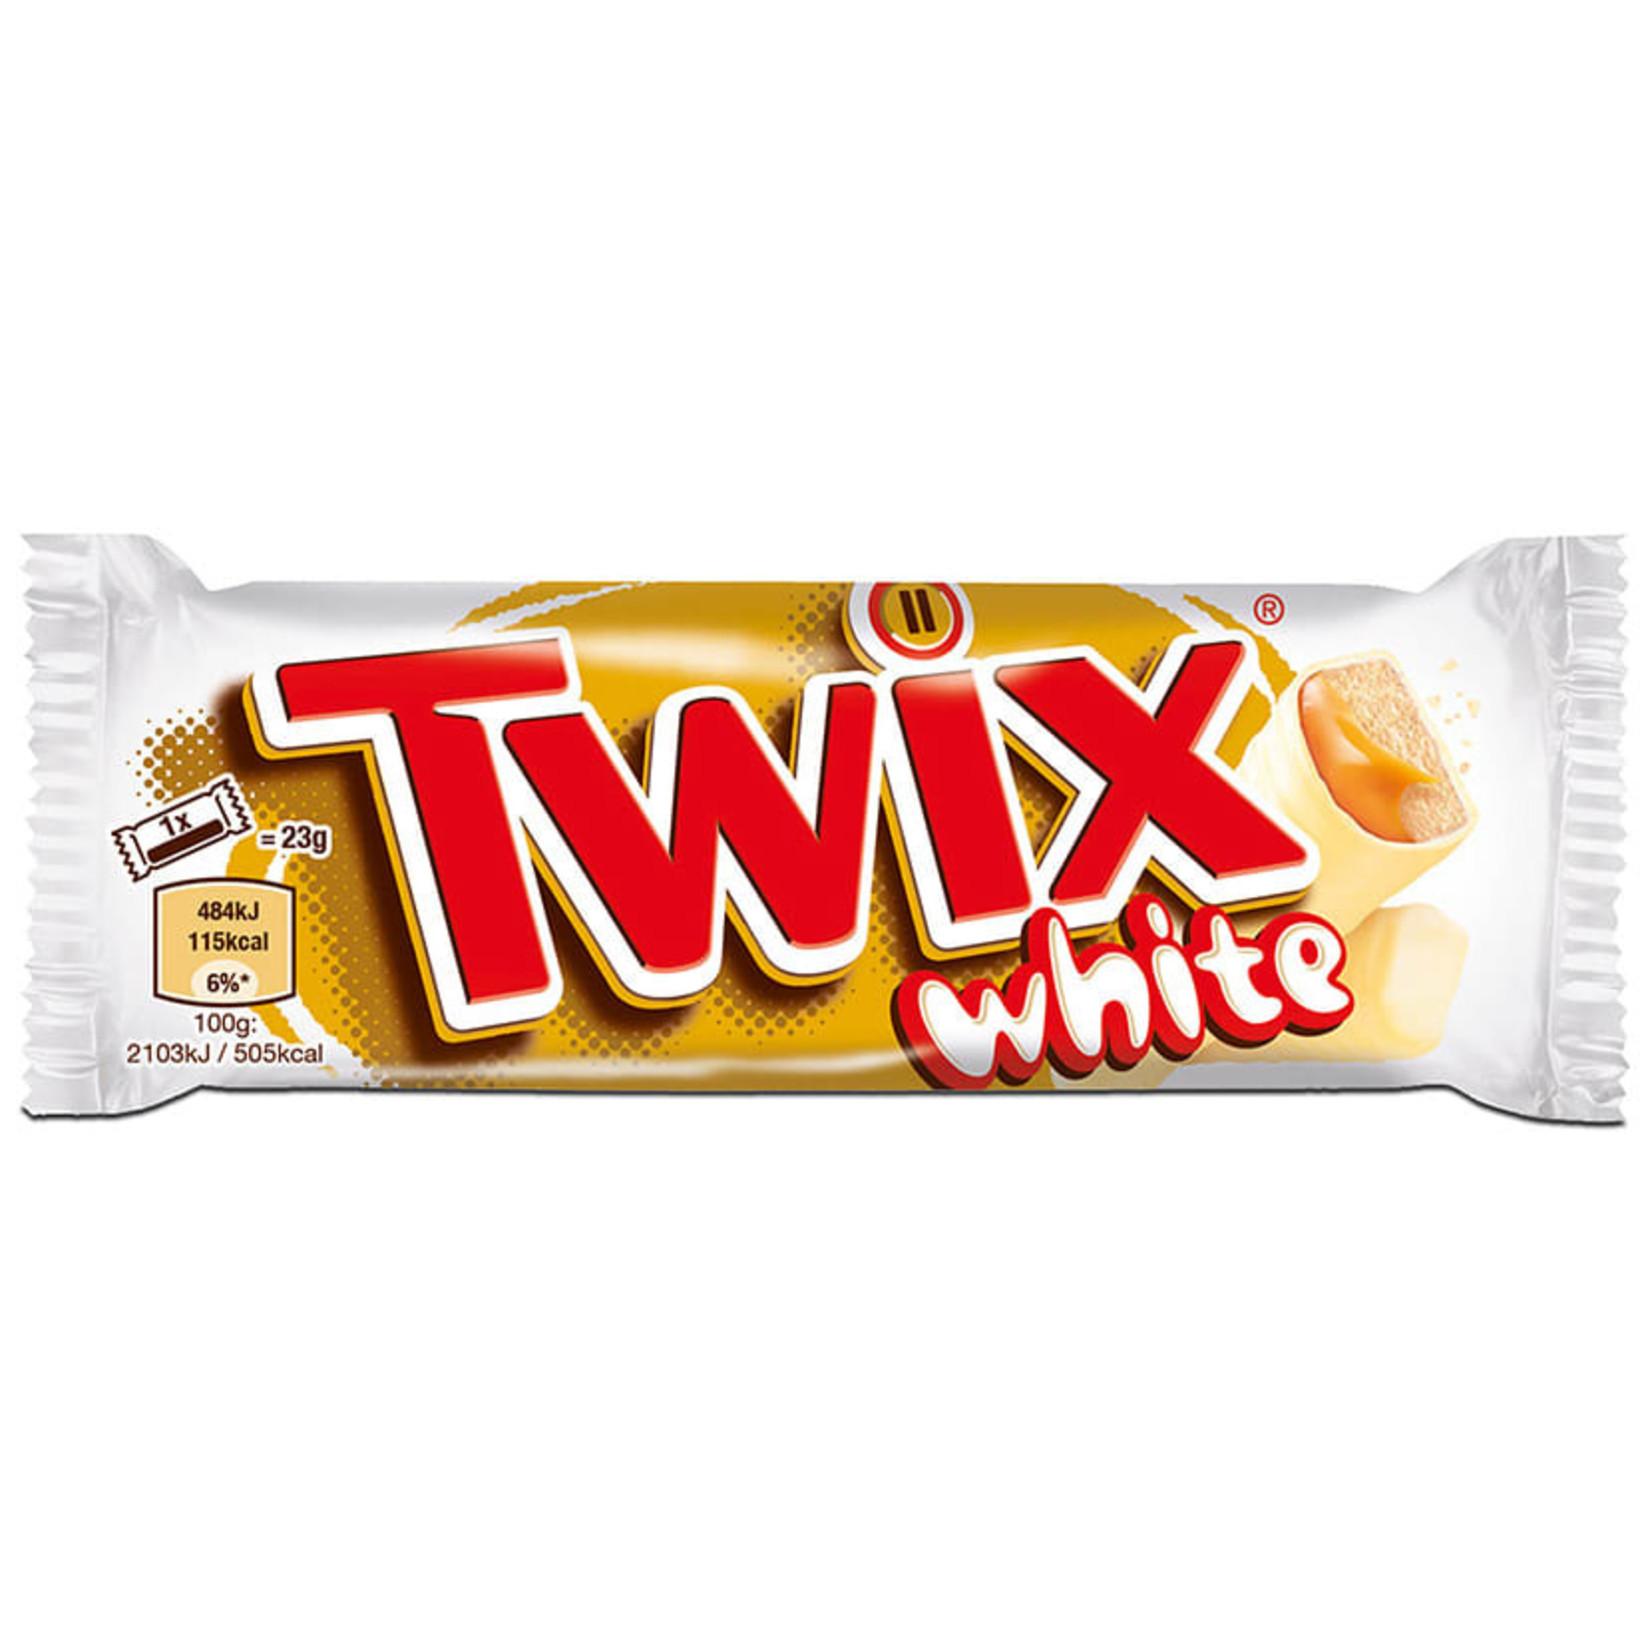 Twix White, 46g